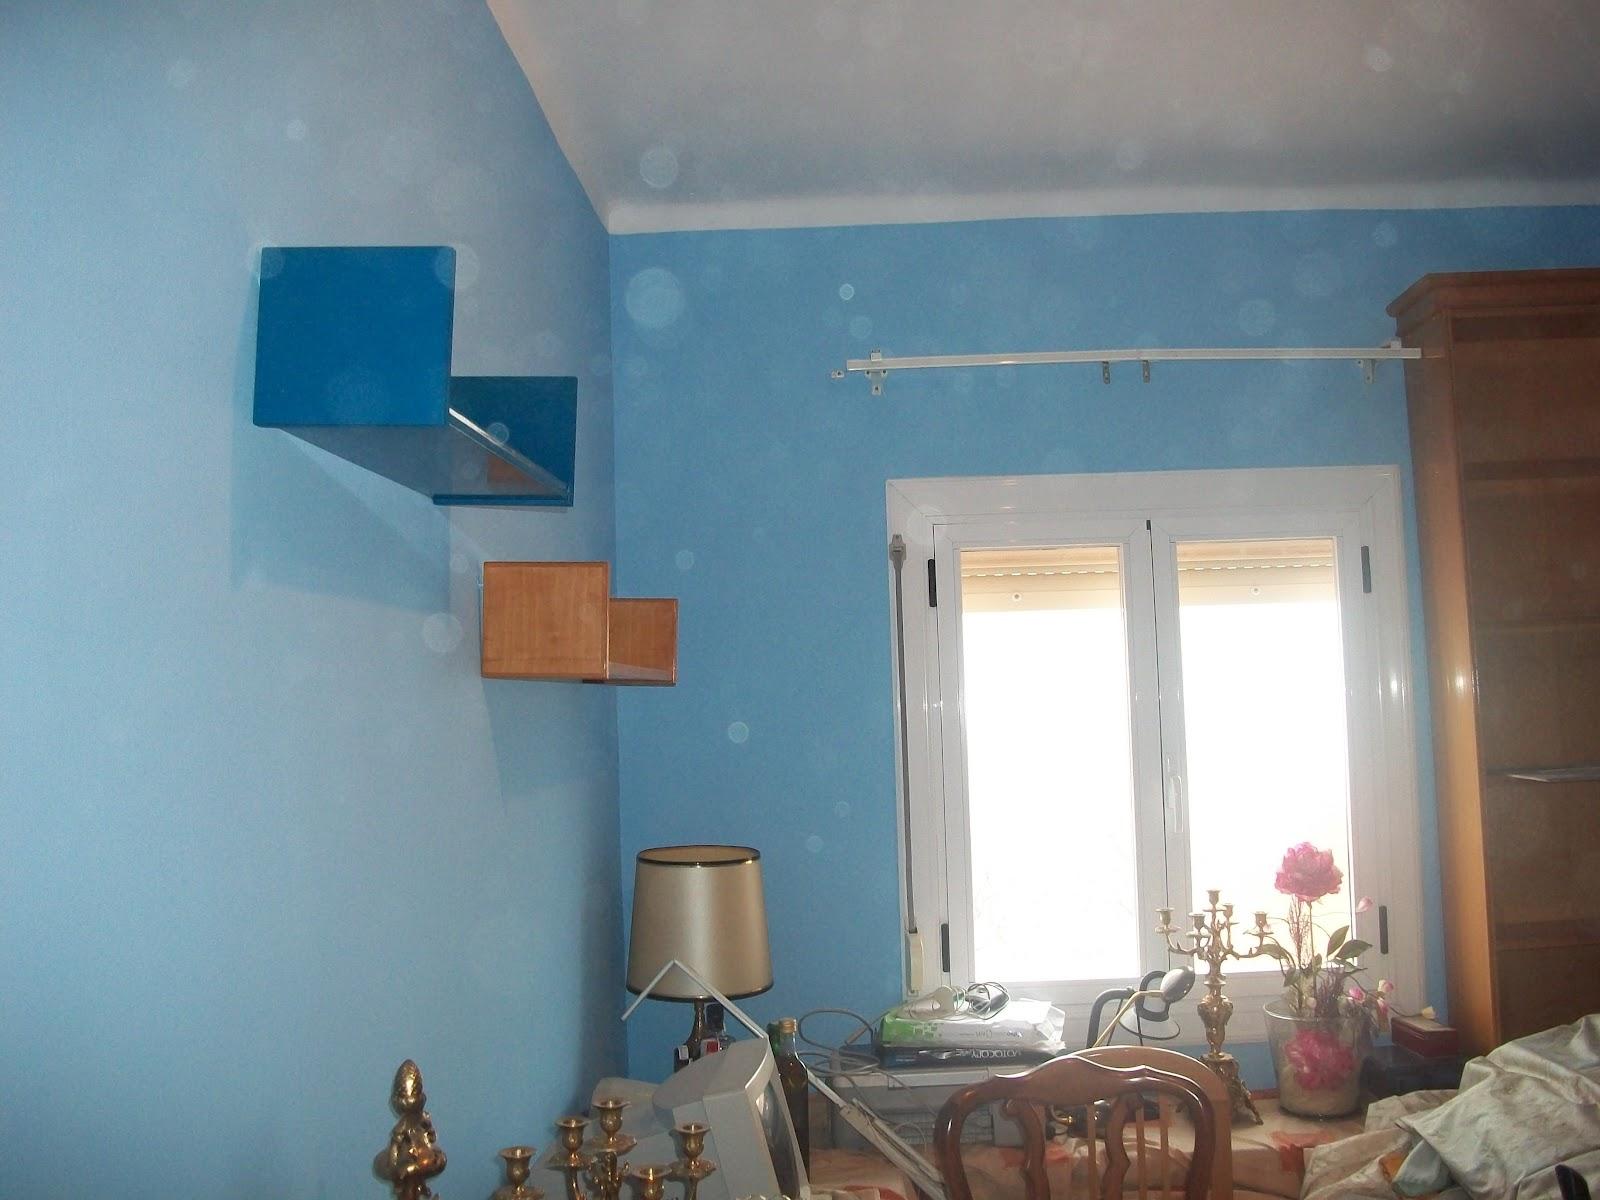 Servicios de pintura en zaragoza pintado piso particular - Color de pintura para habitacion ...